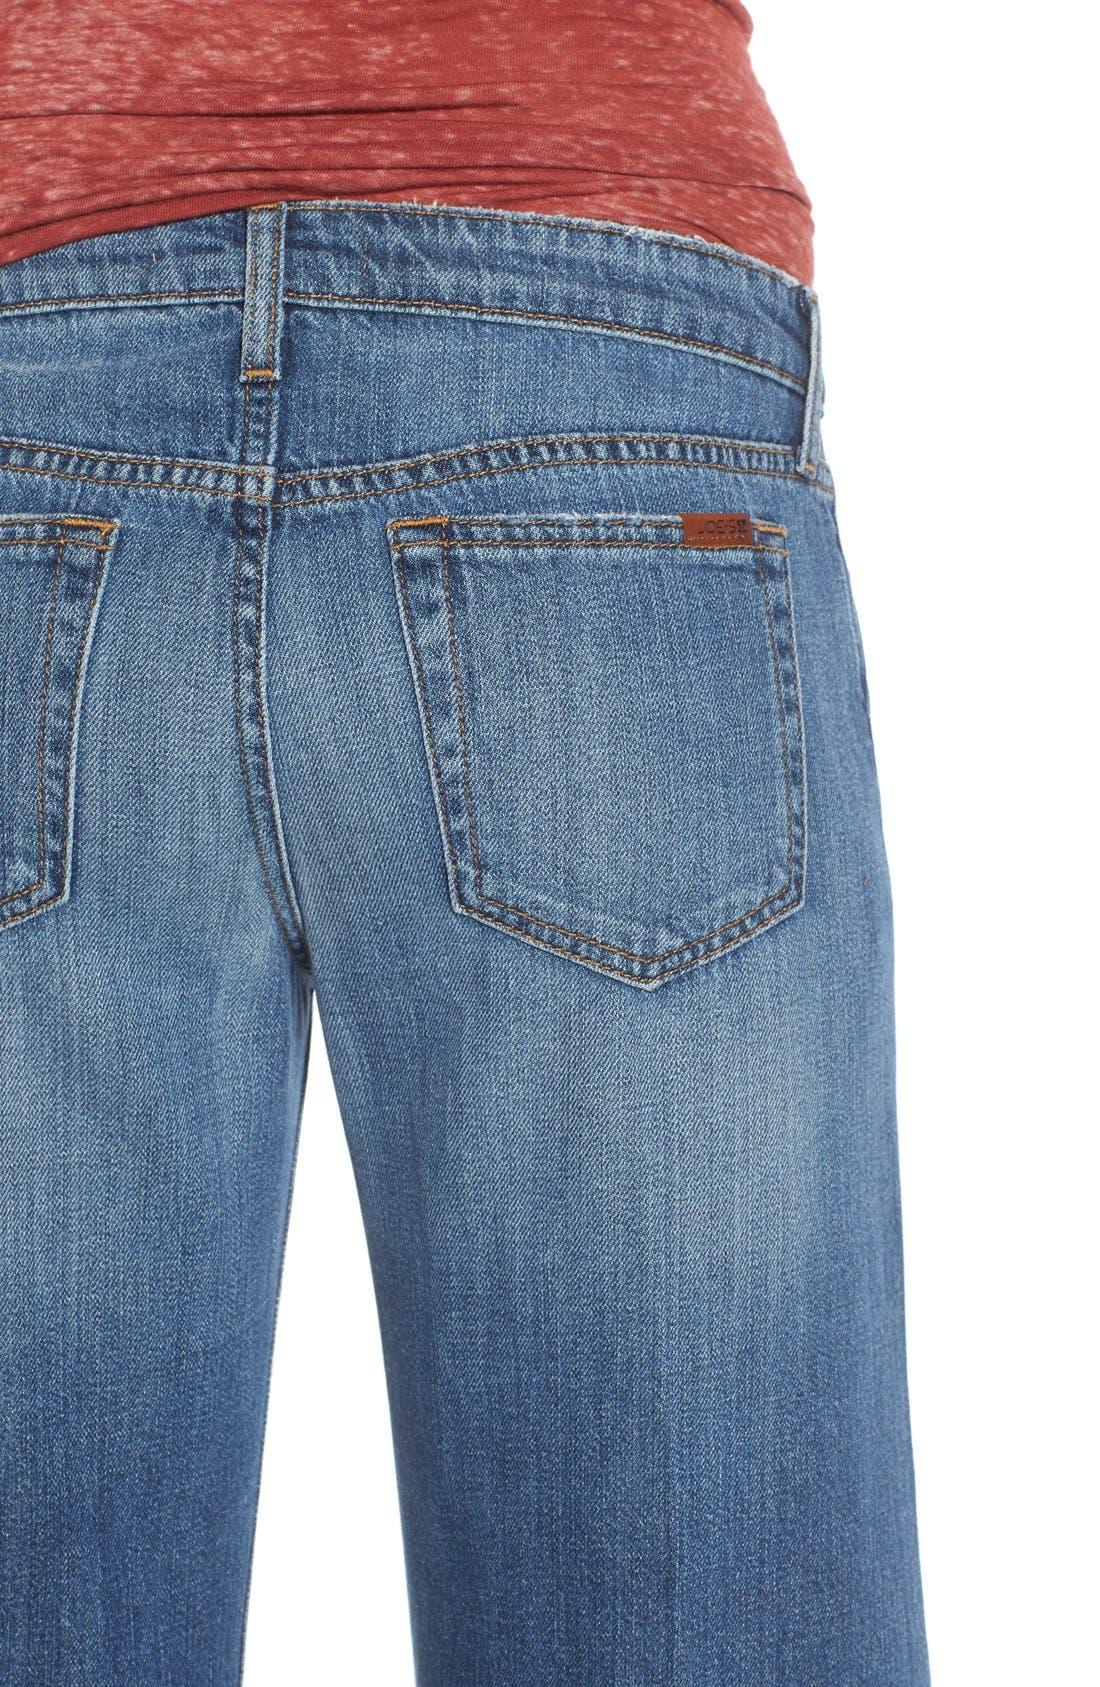 Alternate Image 4  - Joe's 'The Gaucho' Crop Flare Jeans (Edie)